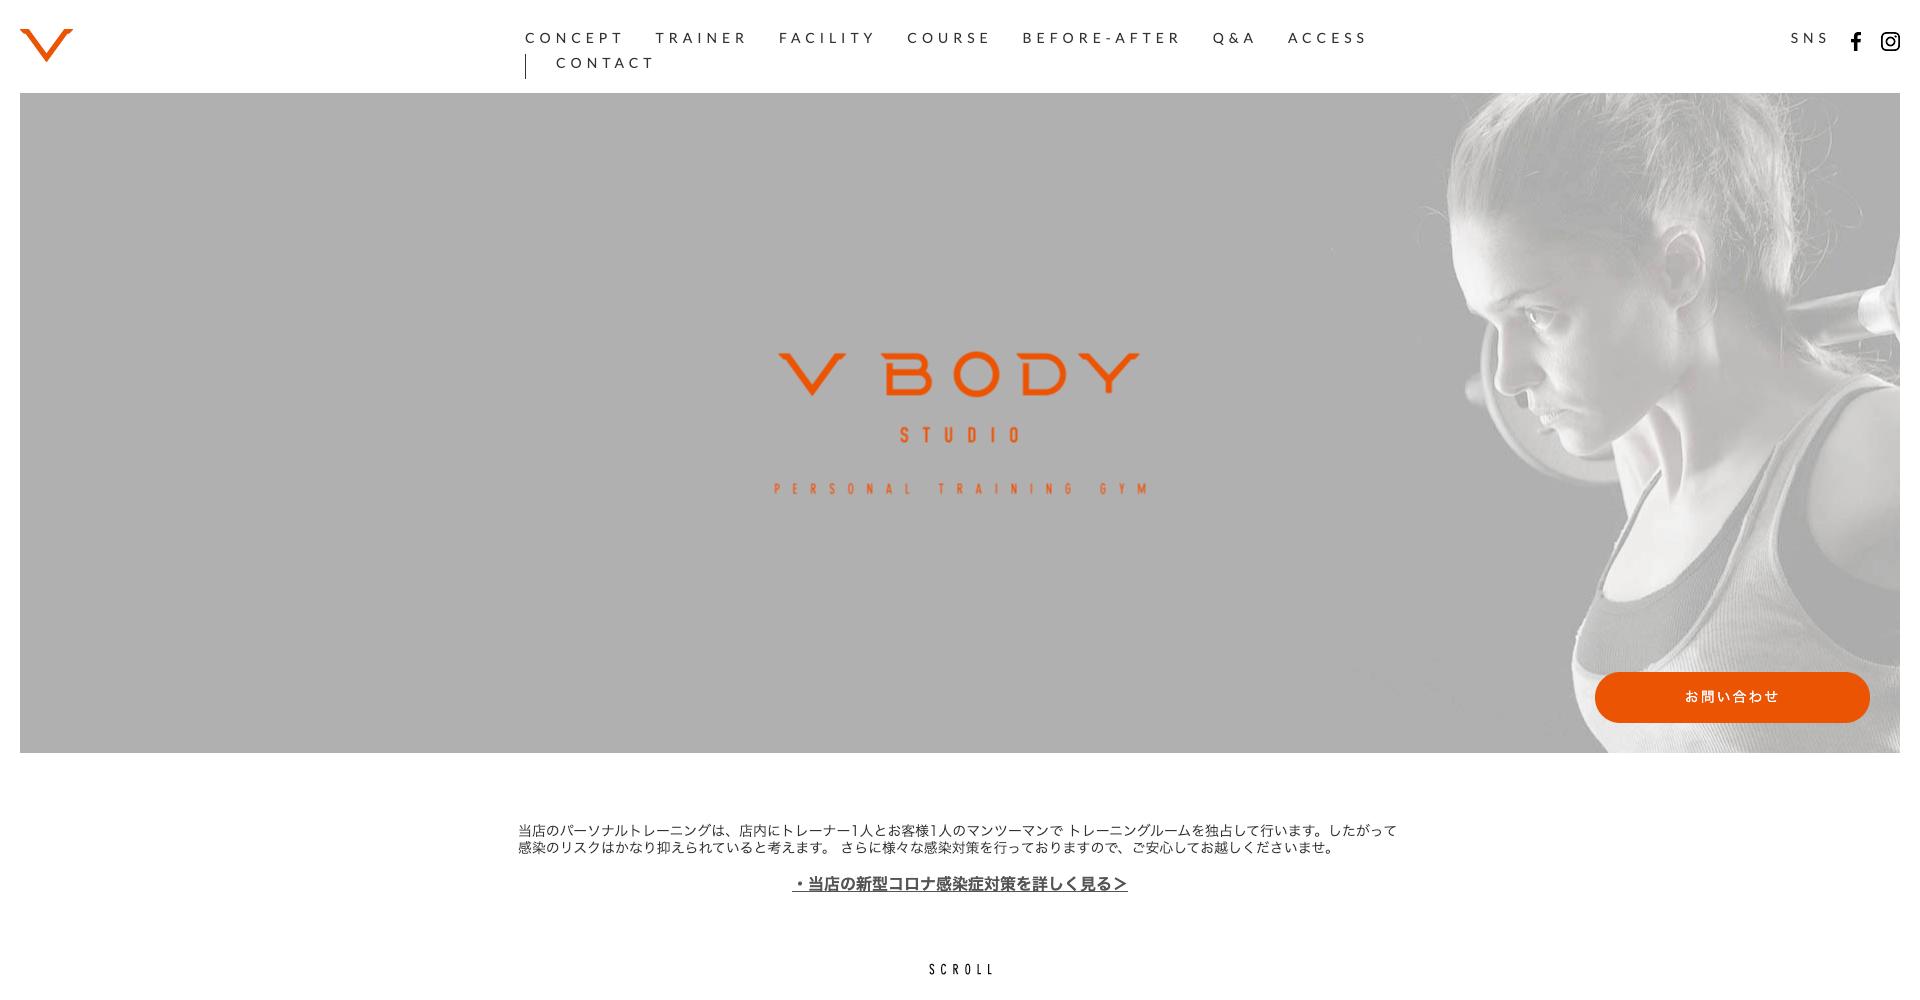 V BODY STUDIO(Vボディスタジオ)